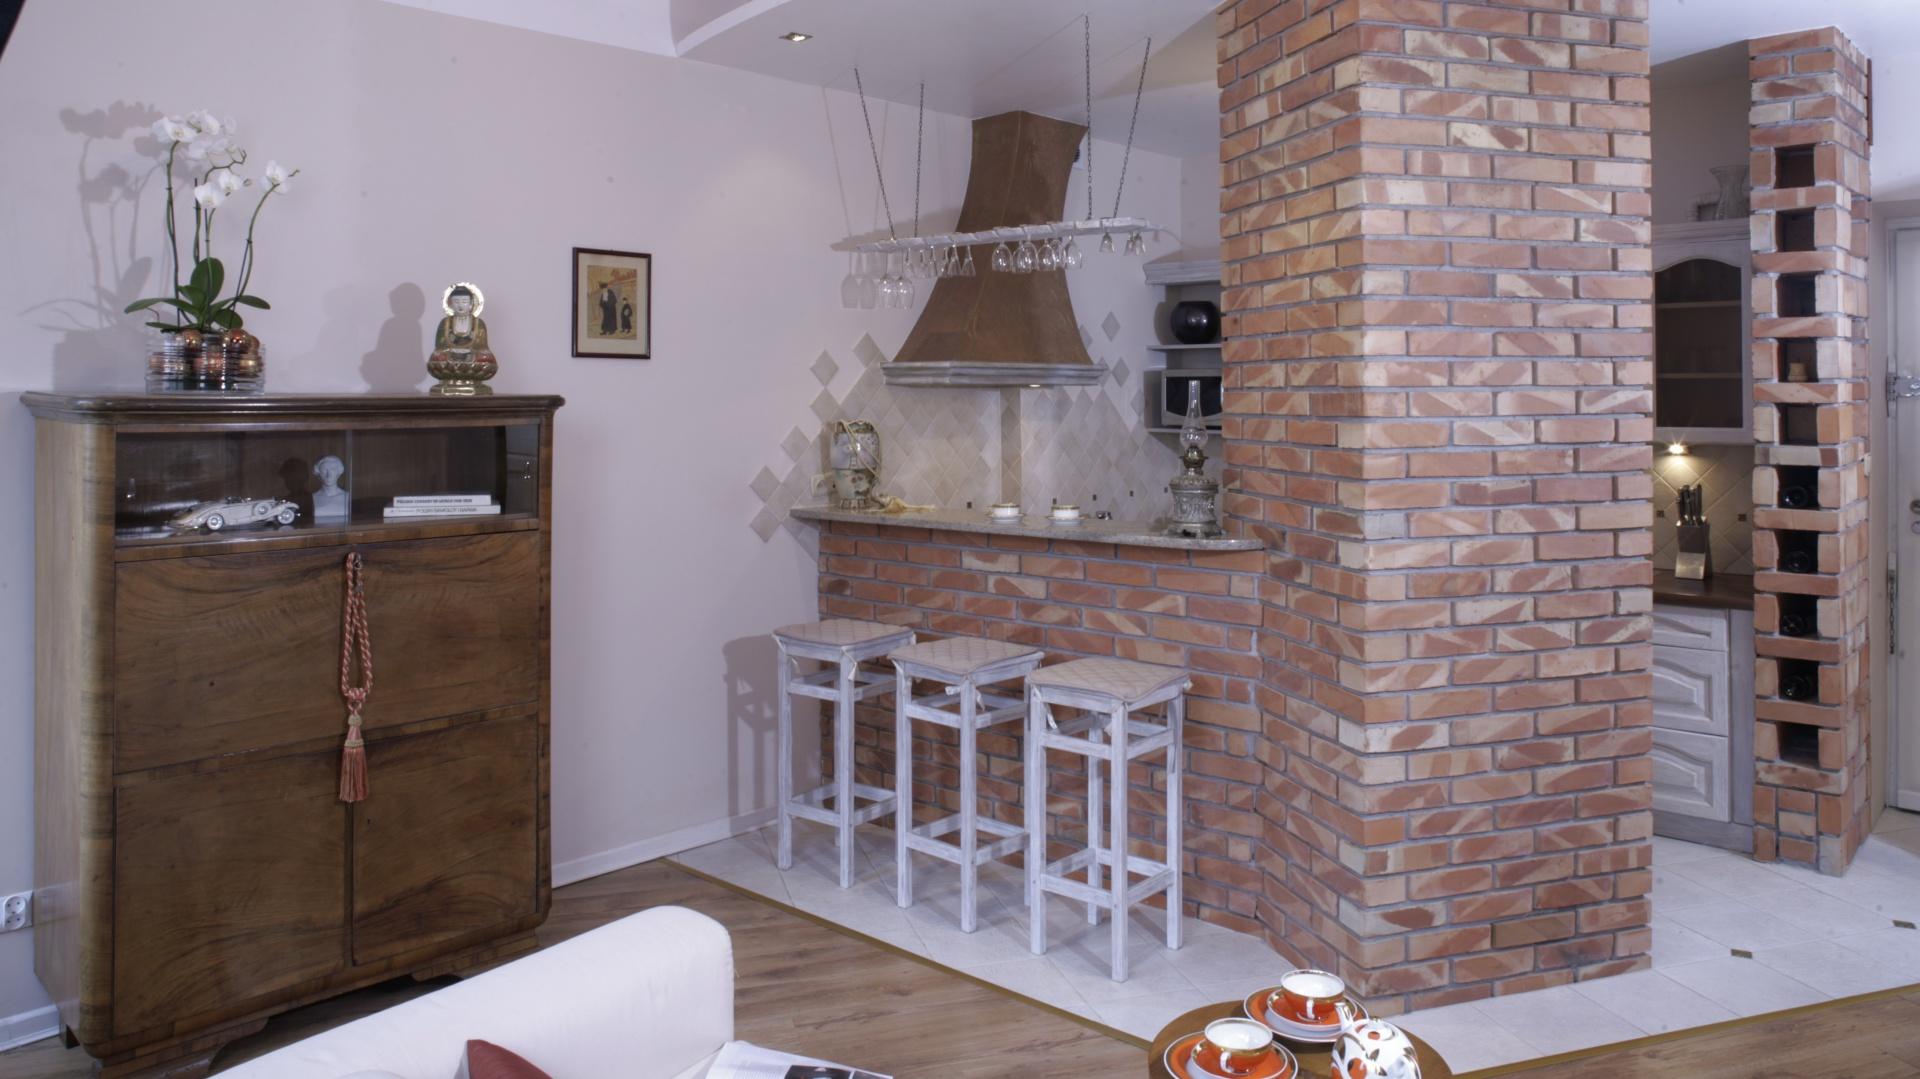 Ścianka z rdzawej, palonej Cegła w kuchni Zobaczcie   -> Kuchnia Z Cegly